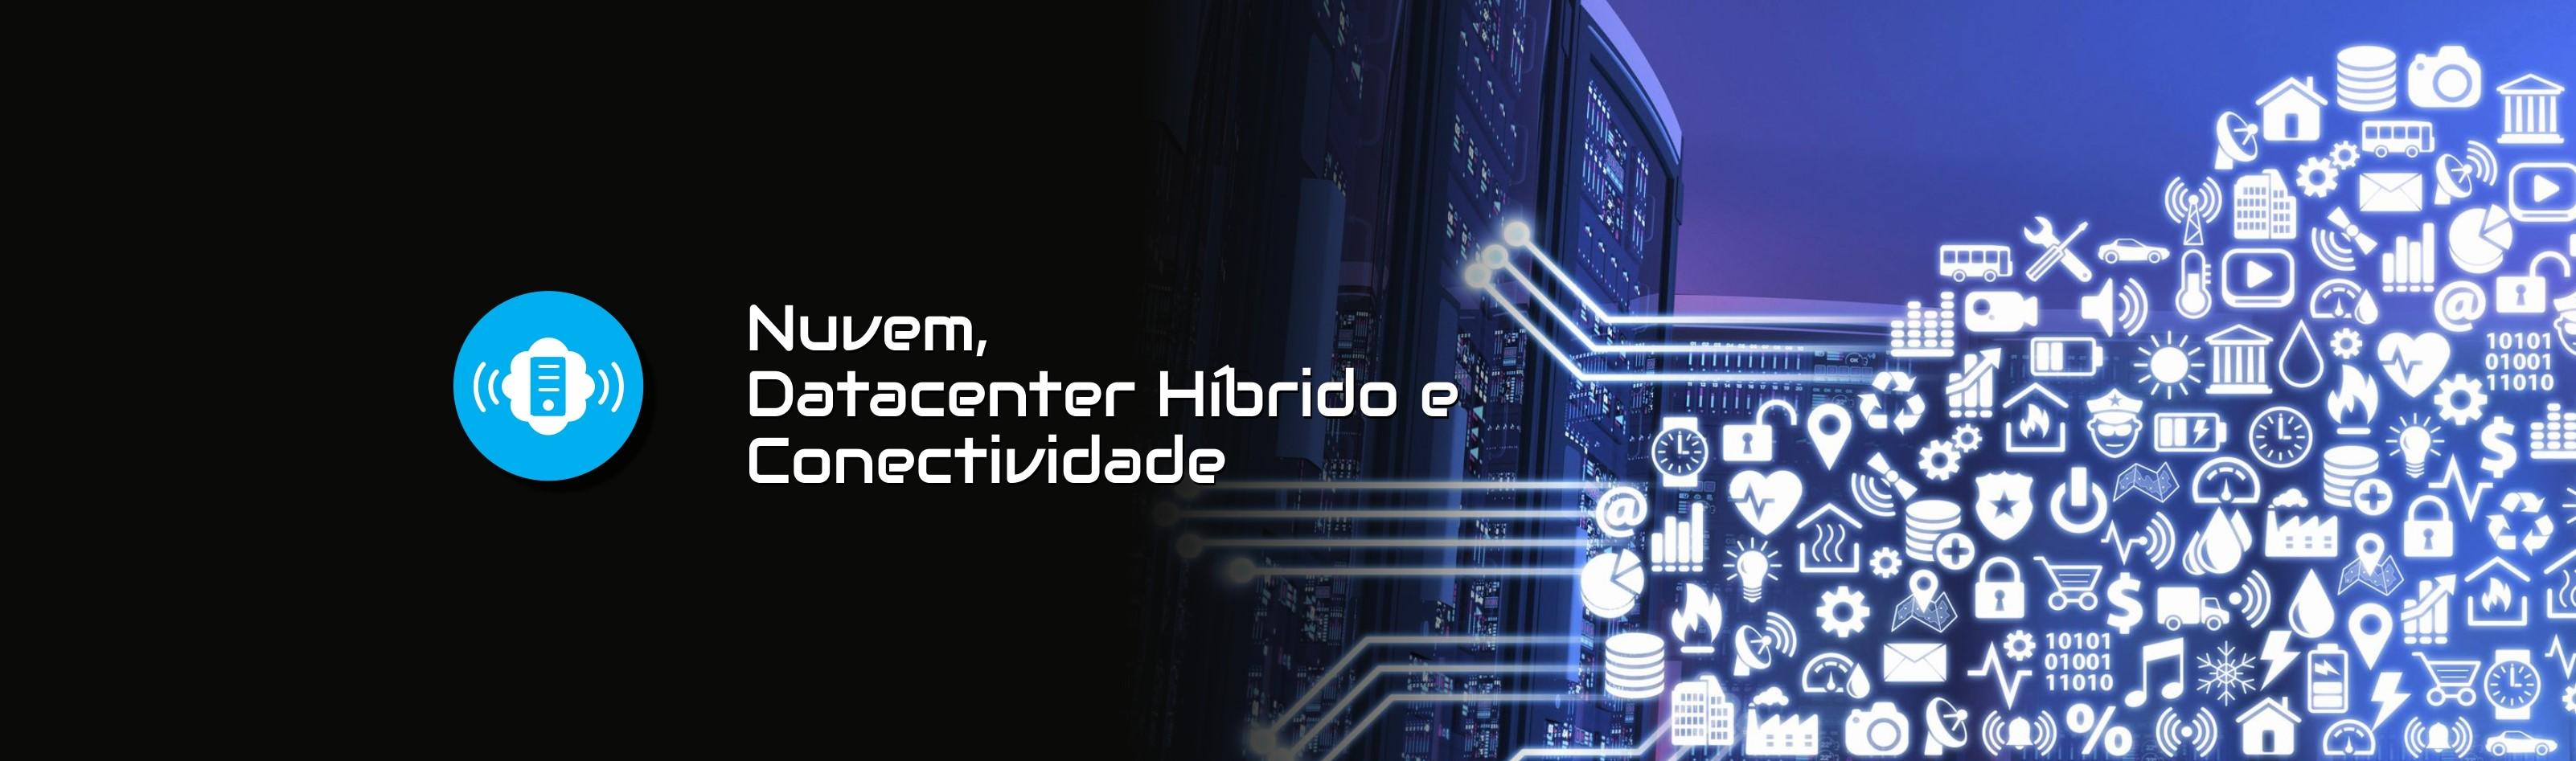 Nuvem, Datacenter Híbrido e Conectividade